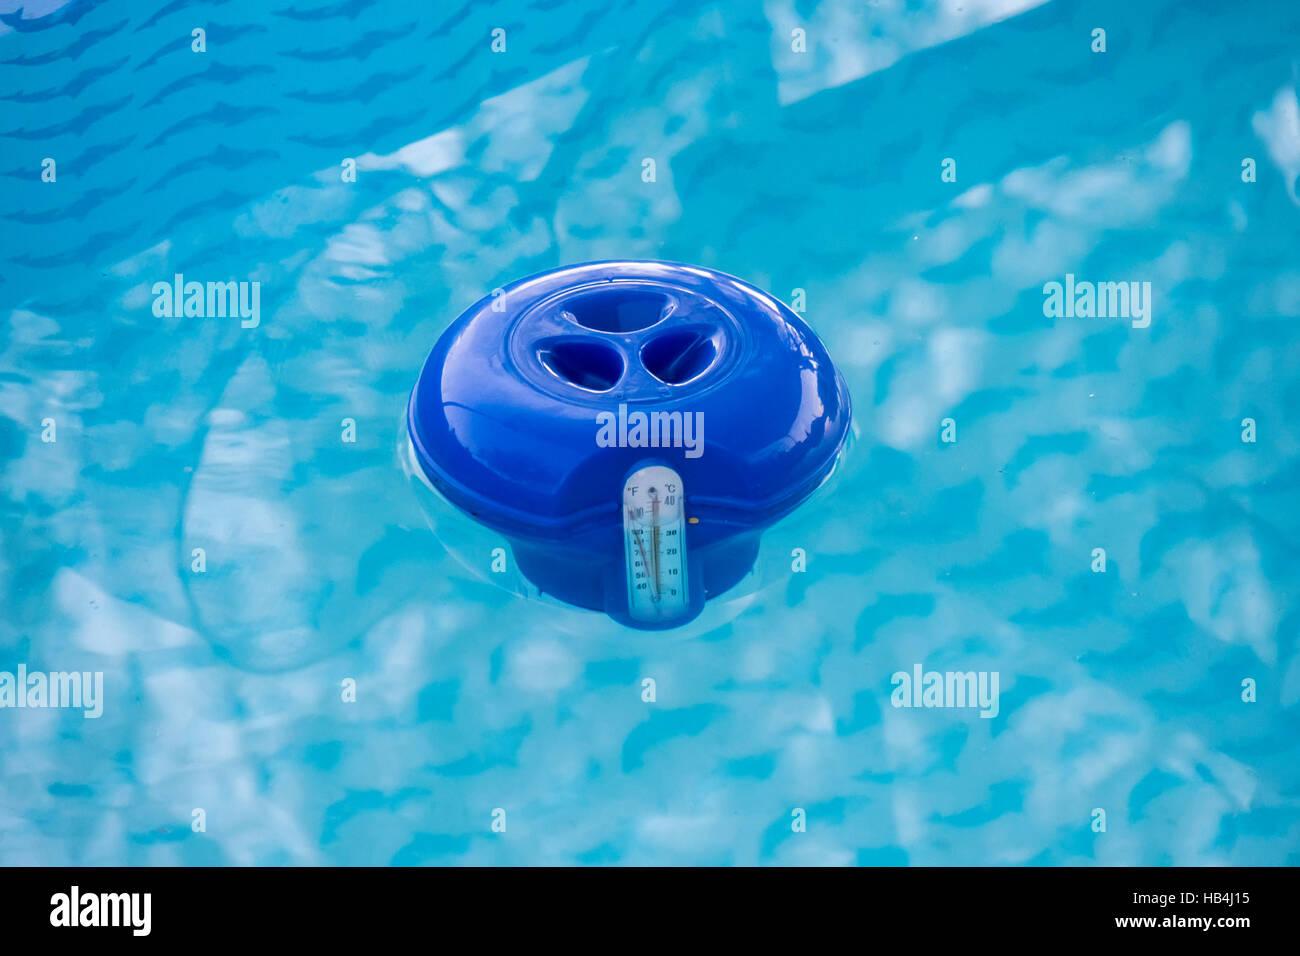 Piscina azul dispensador de cloro en el agua Foto de stock